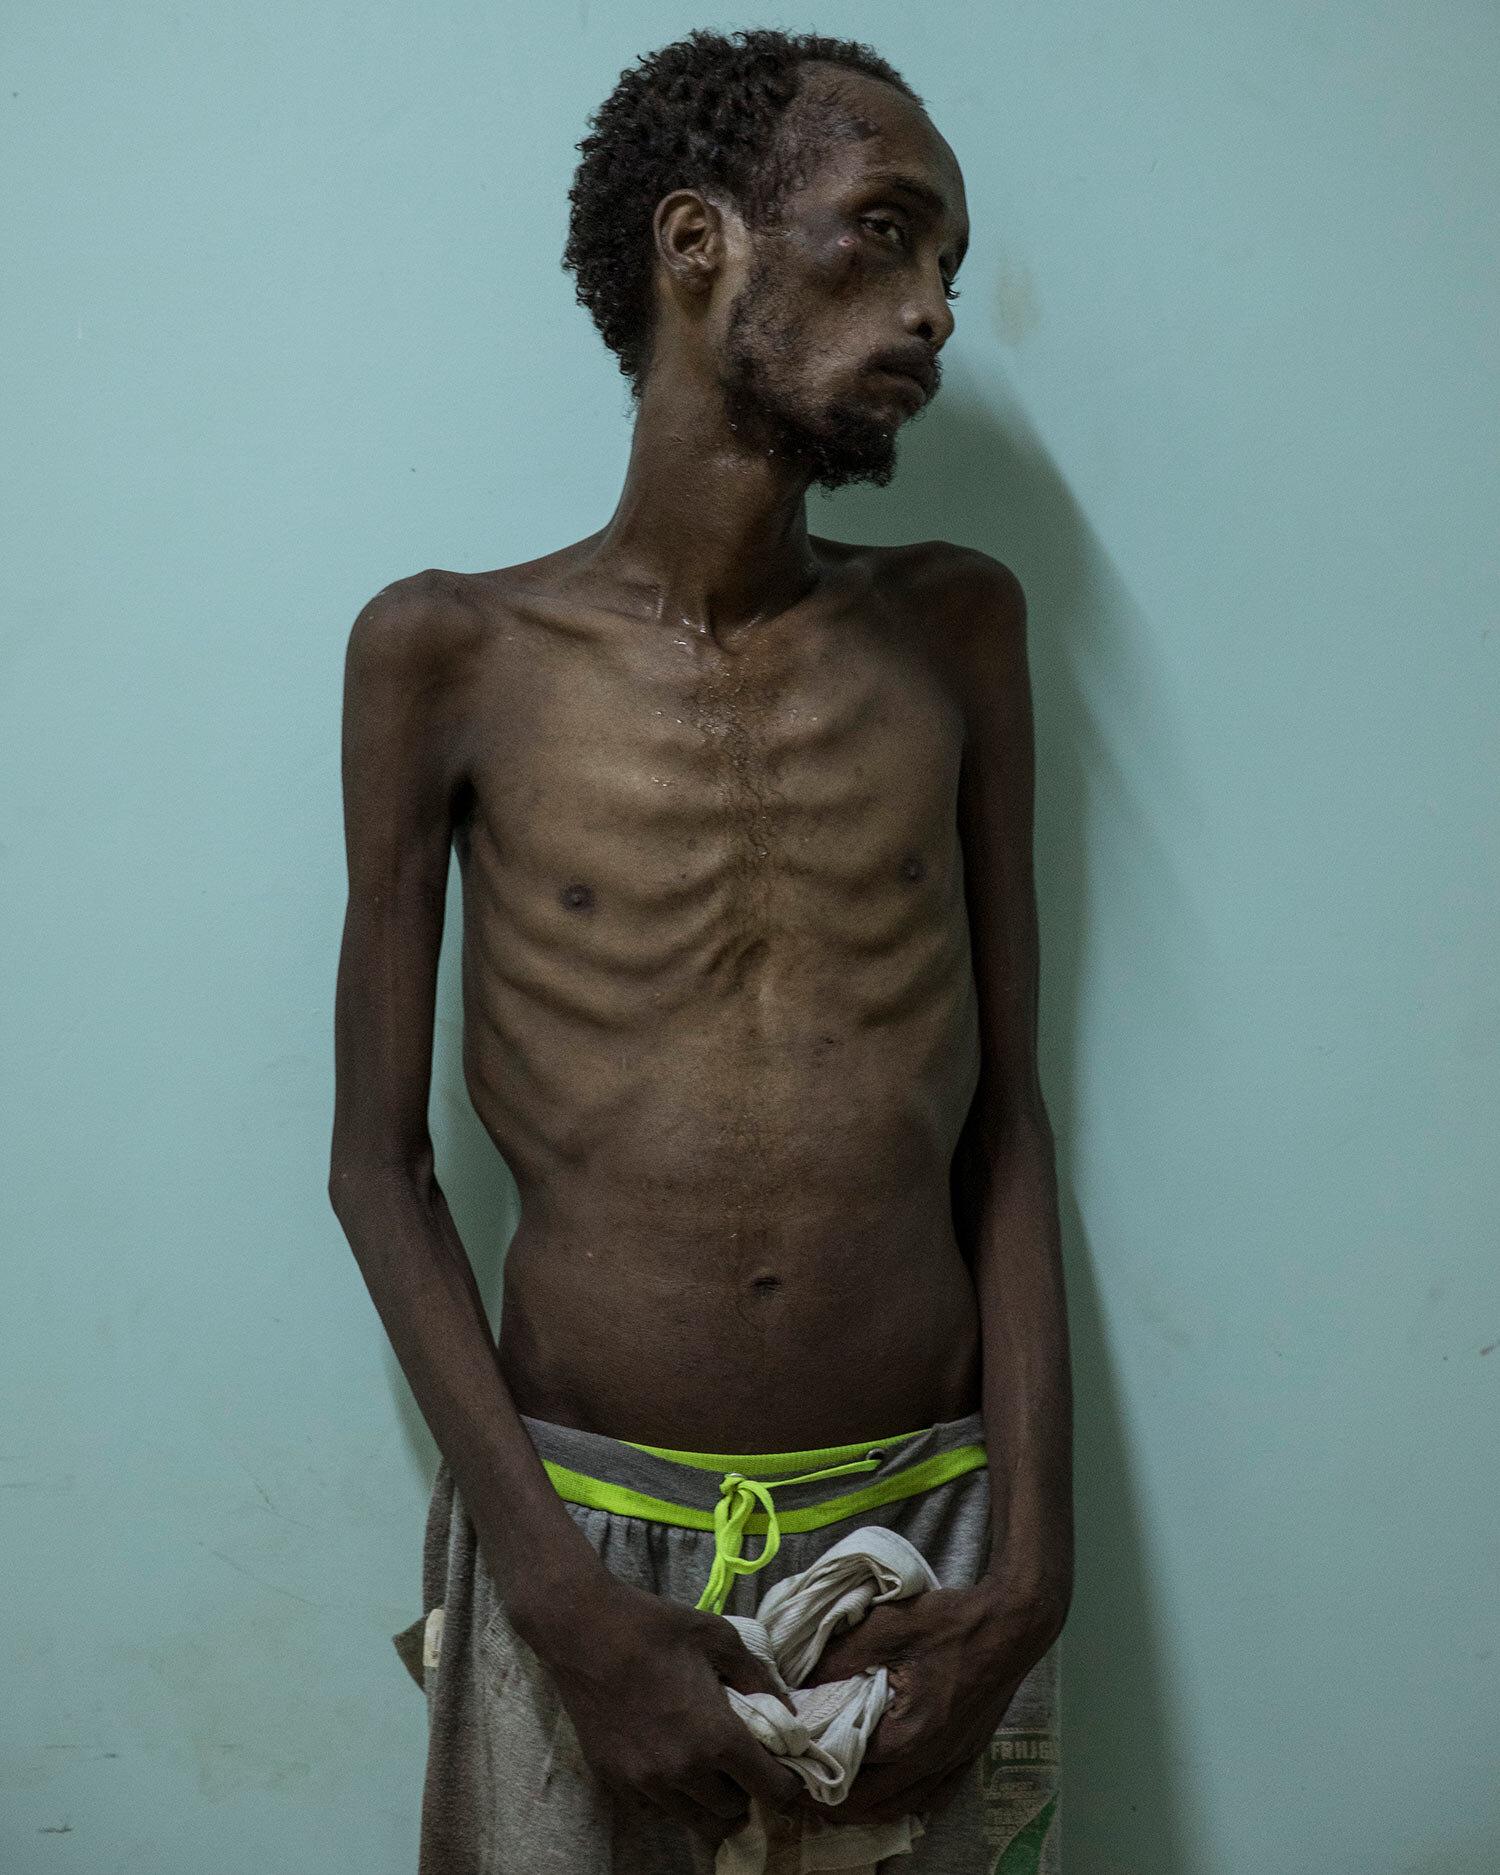 المهاجر الإثيوبي عبده ياسين ، 23 عامًا من أصل أورومو ، يقف لصور في مستشفى رأس علا في لحج ، اليمن.  يقول ياسين إنه كان محتجزاً وعذب لمدة شهور لأنه لم يكن لديه المال لدفع الفدية.  (AP Photo / ناريمان المفتي)